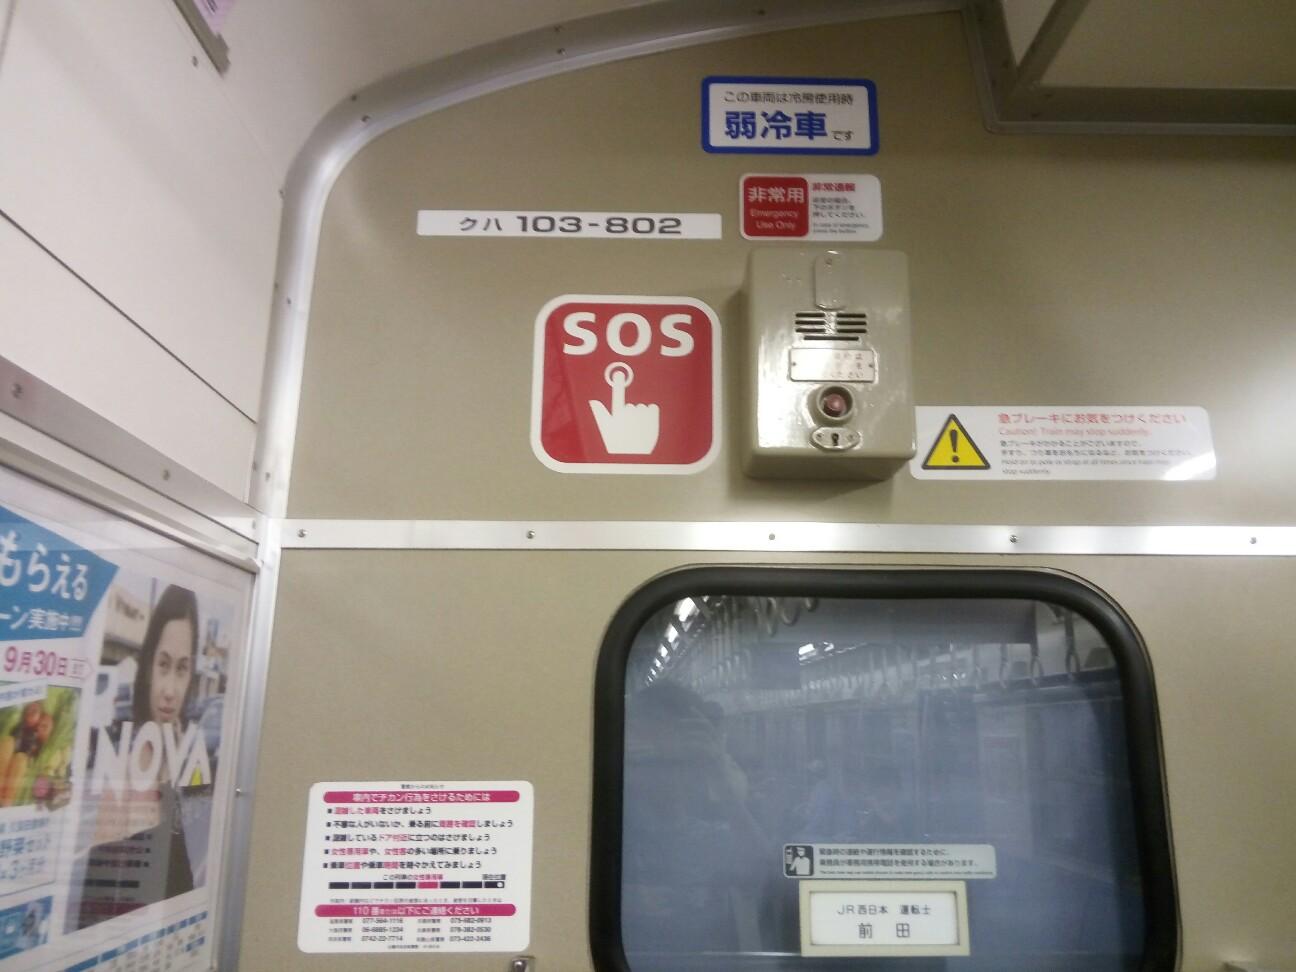 f:id:Osakaloopline:20170930235149j:image